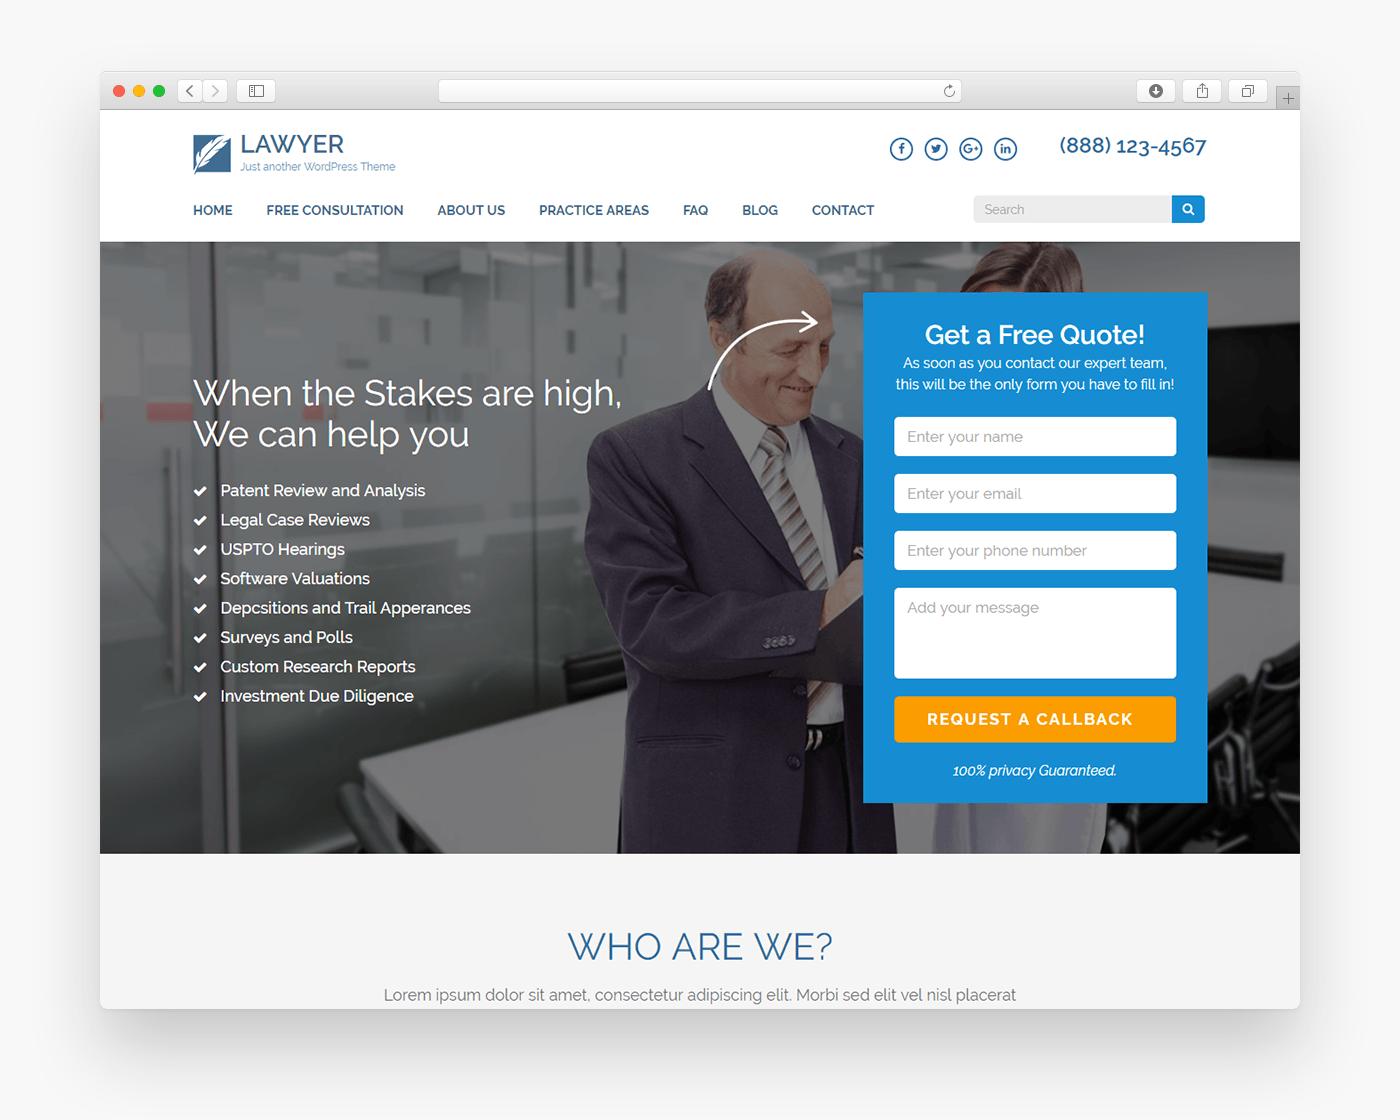 Lawyer Landing Page - Free Business WordPress Theme - Freebie Supply